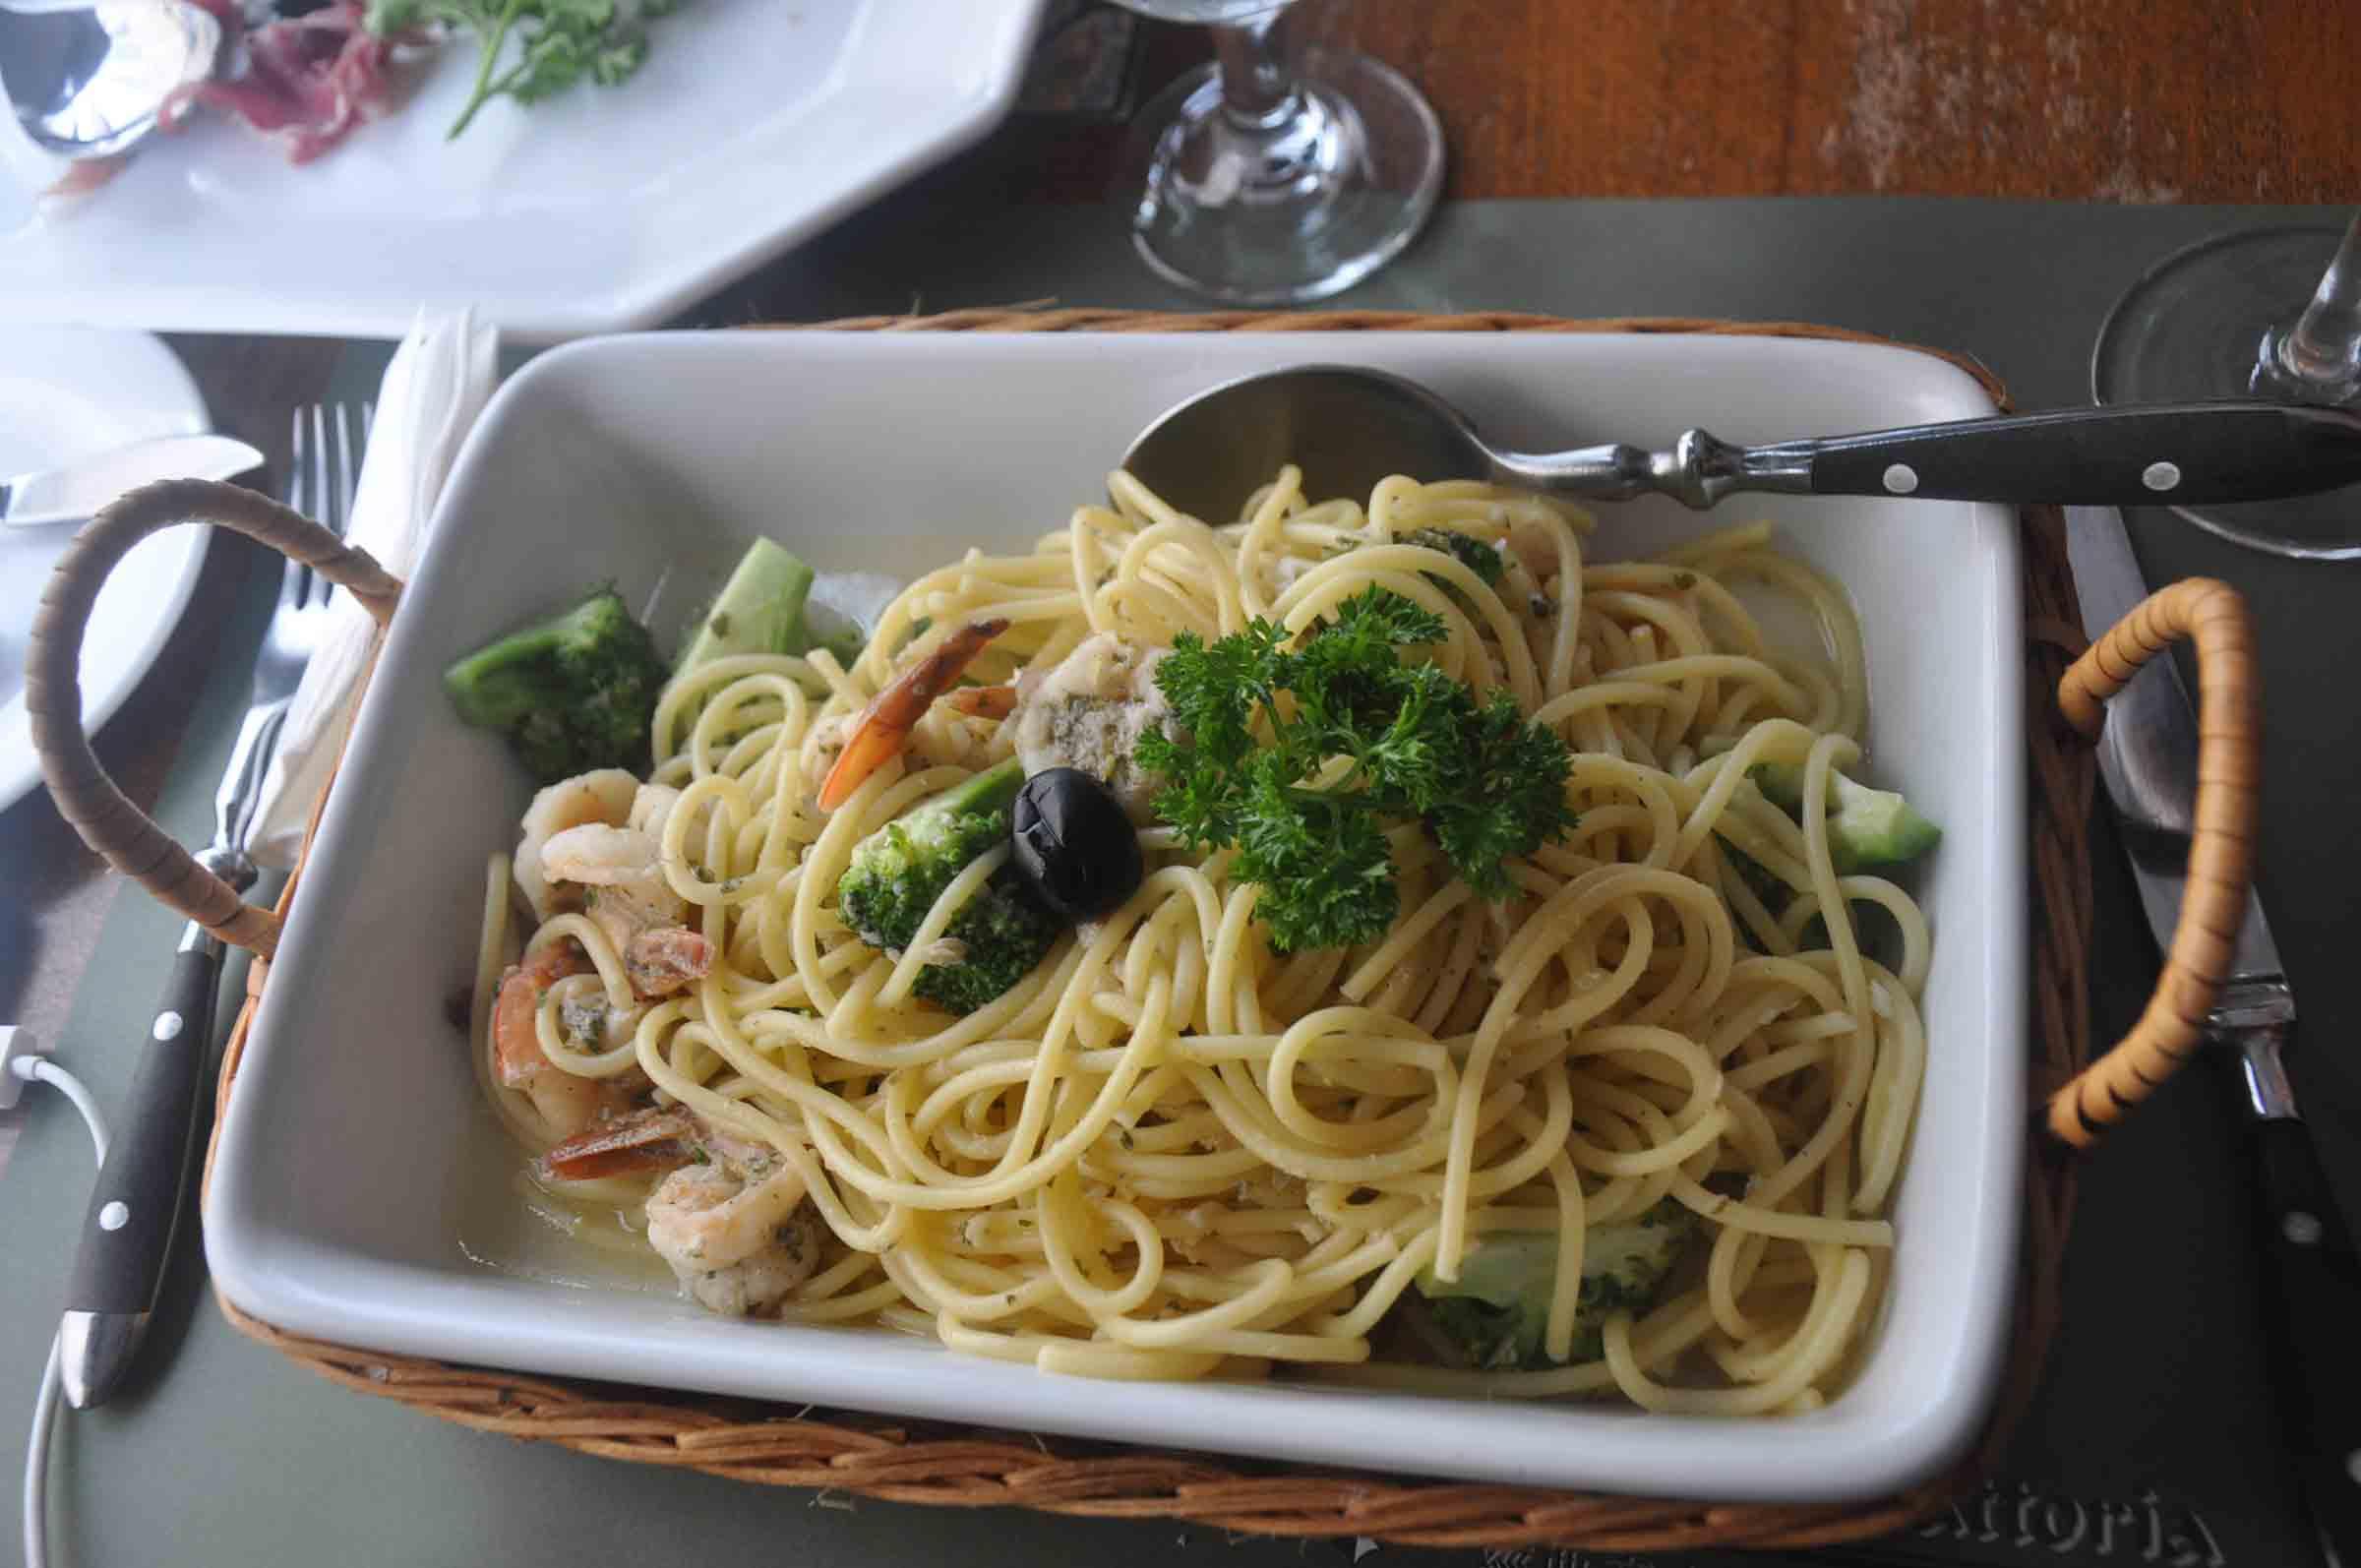 Antica Trattoria Da Isa spaghetti with broccoli, prawn and florets